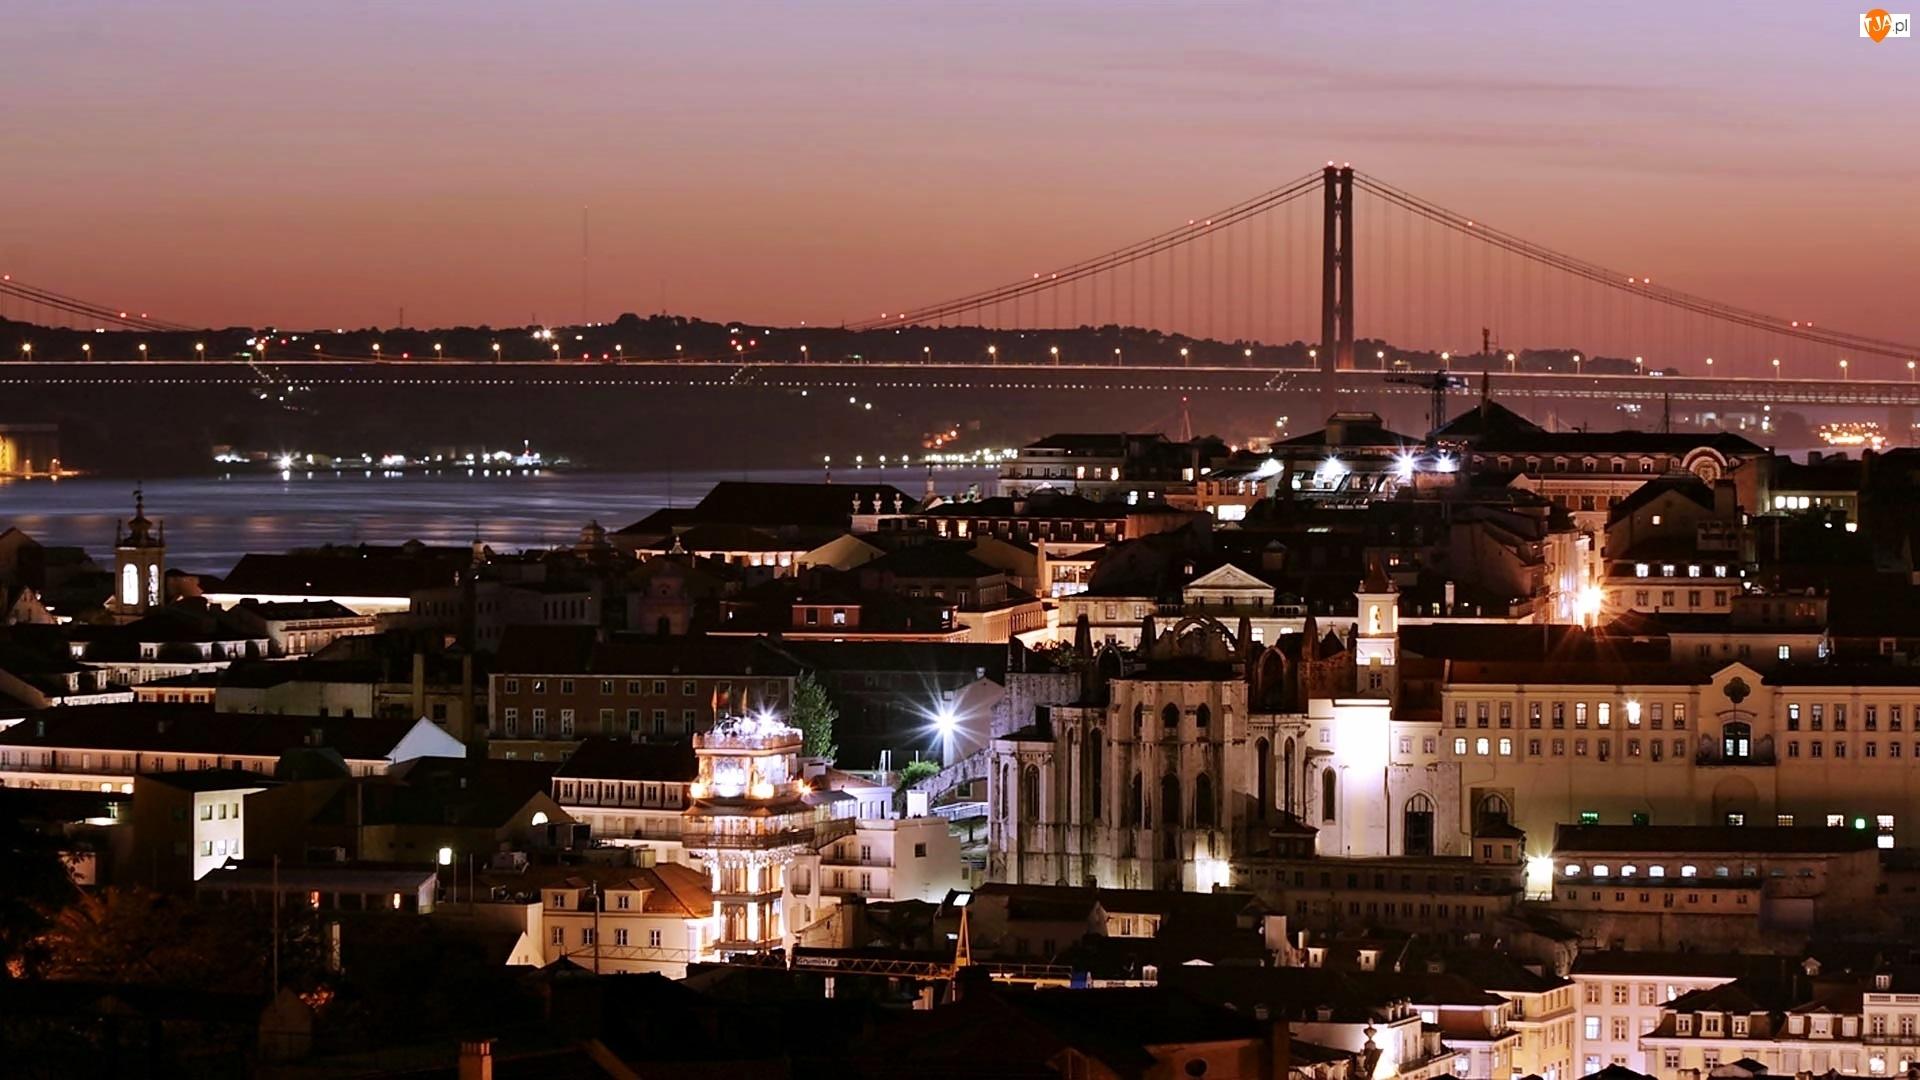 Nocą, Most, Lizbona, Budynki, Miasto